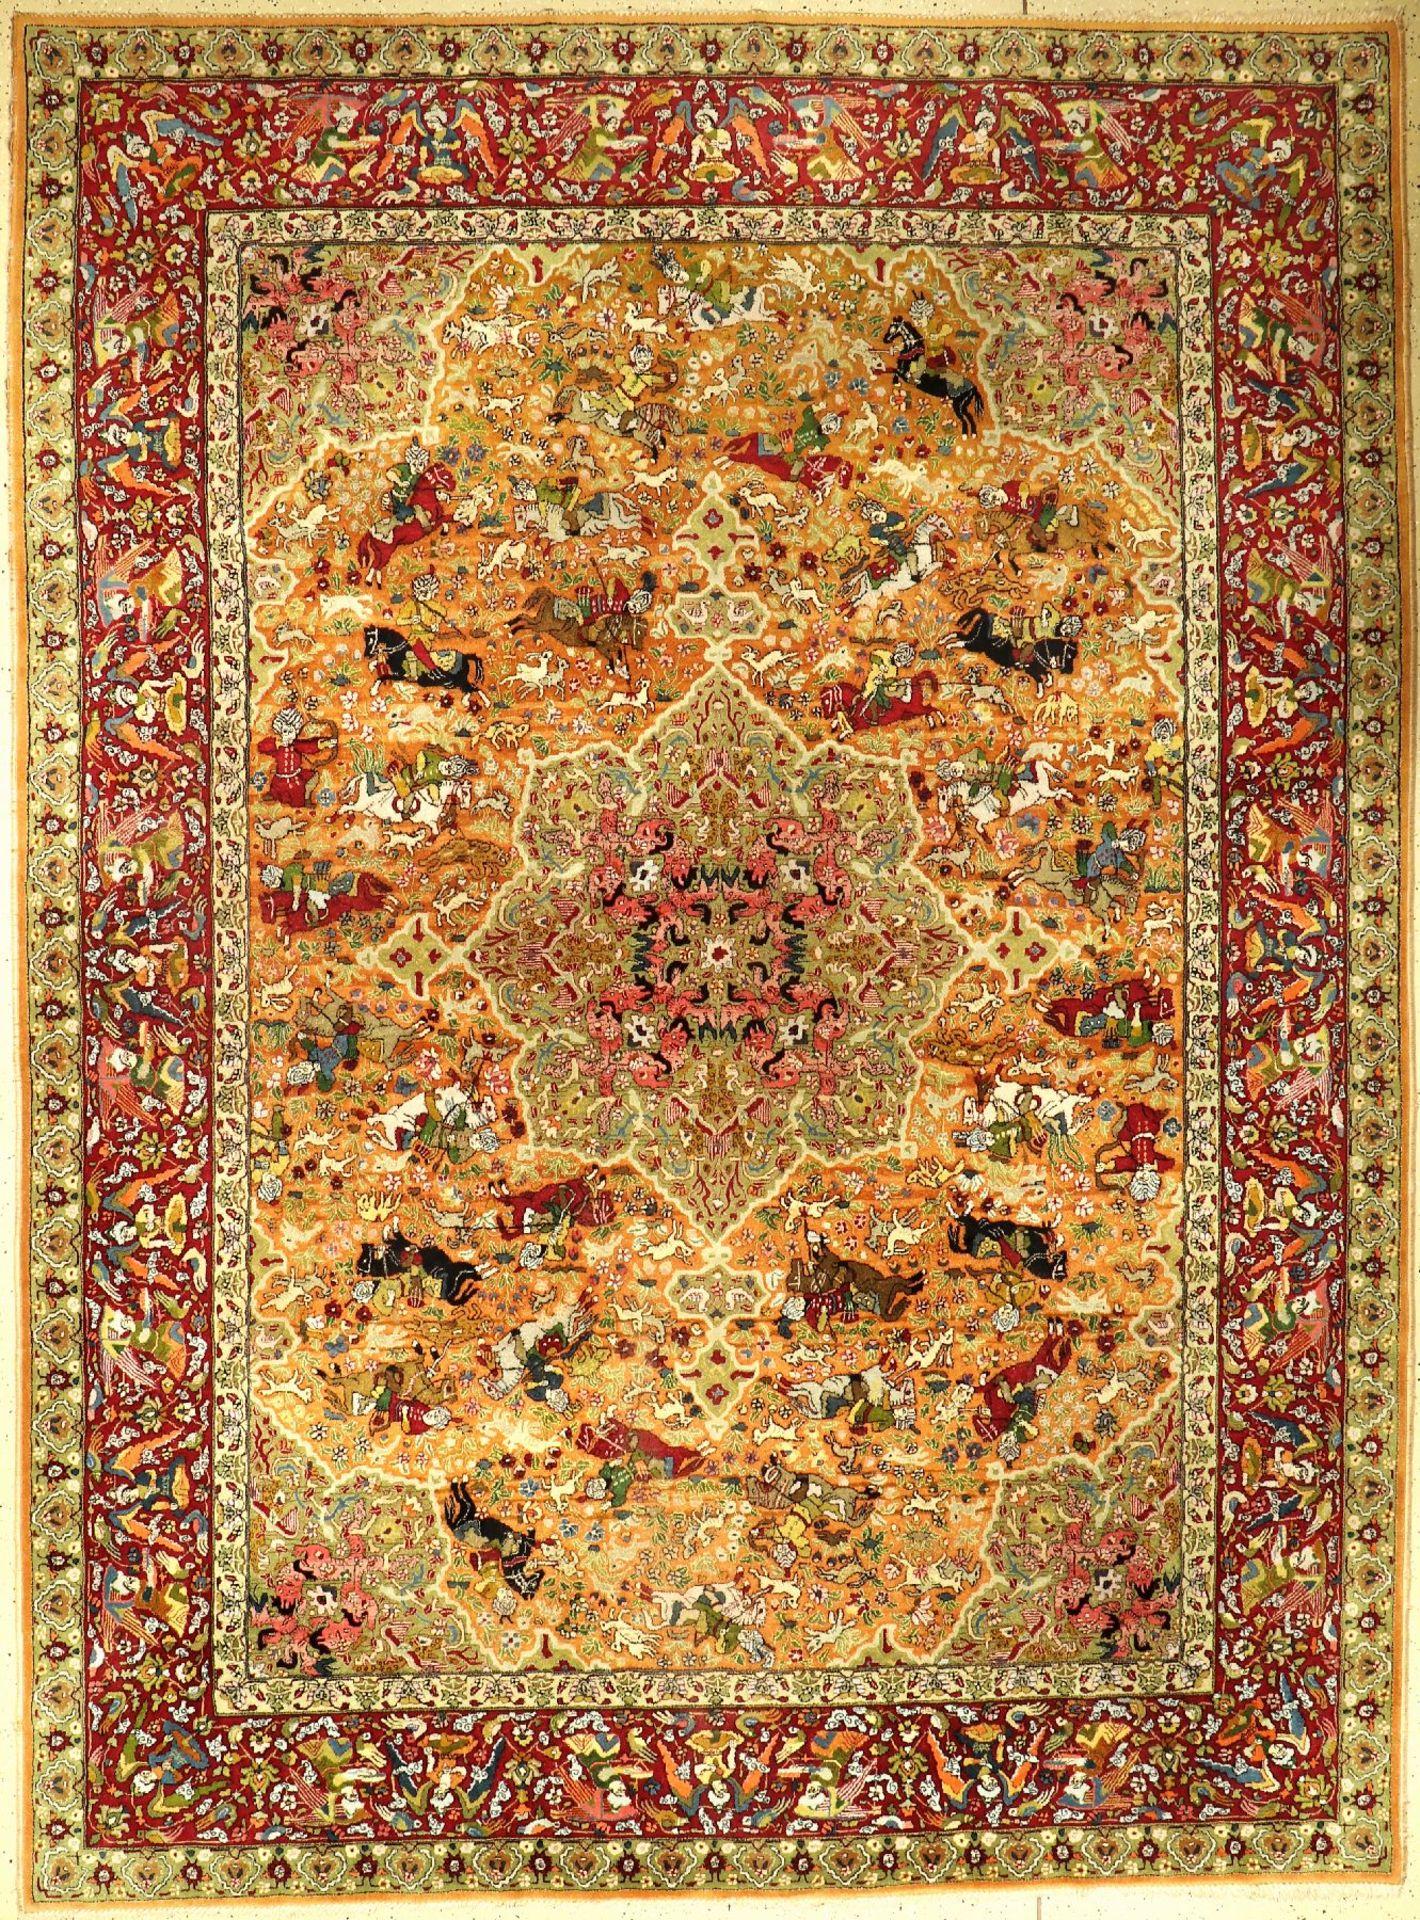 Tetex alt (Safavid Design), Deutschland, um1930, Wolle auf Baumwolle, ca. 337 x 250 cm, schöne